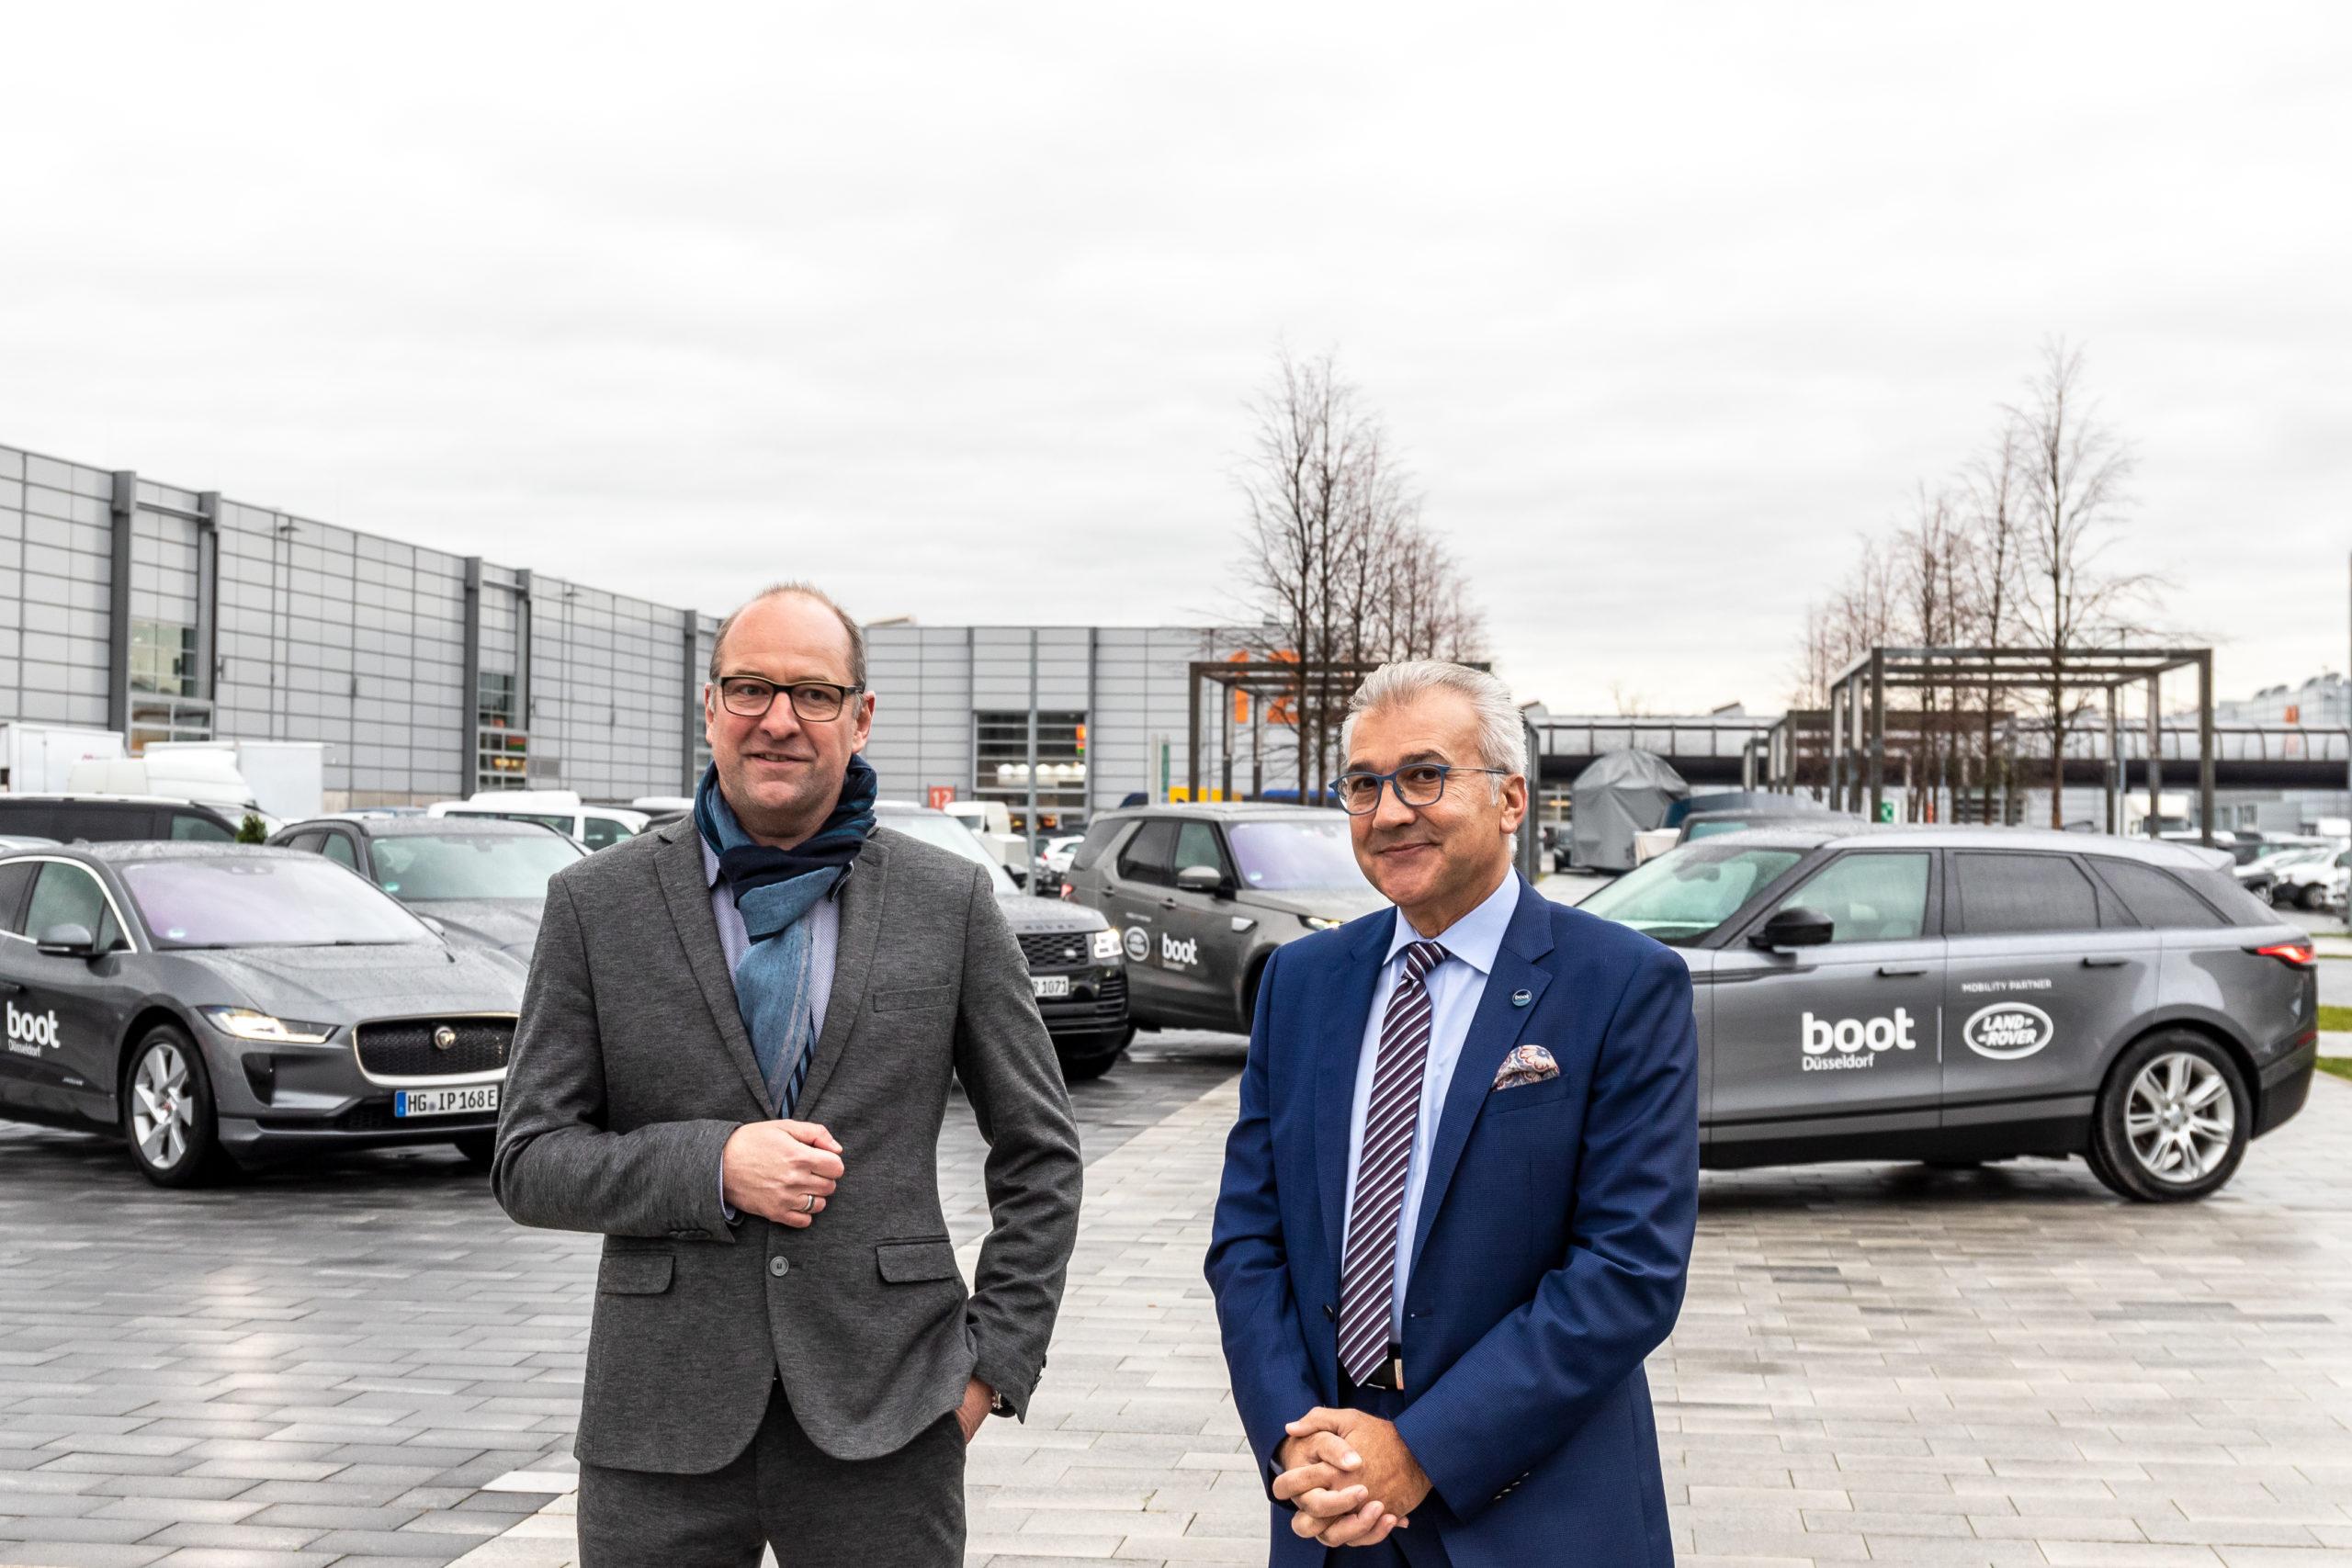 Michael Küster, JLR Produktmanagement (links), und Petros Michelidakis, Direktor der Boot Düsseldorf (rechts)